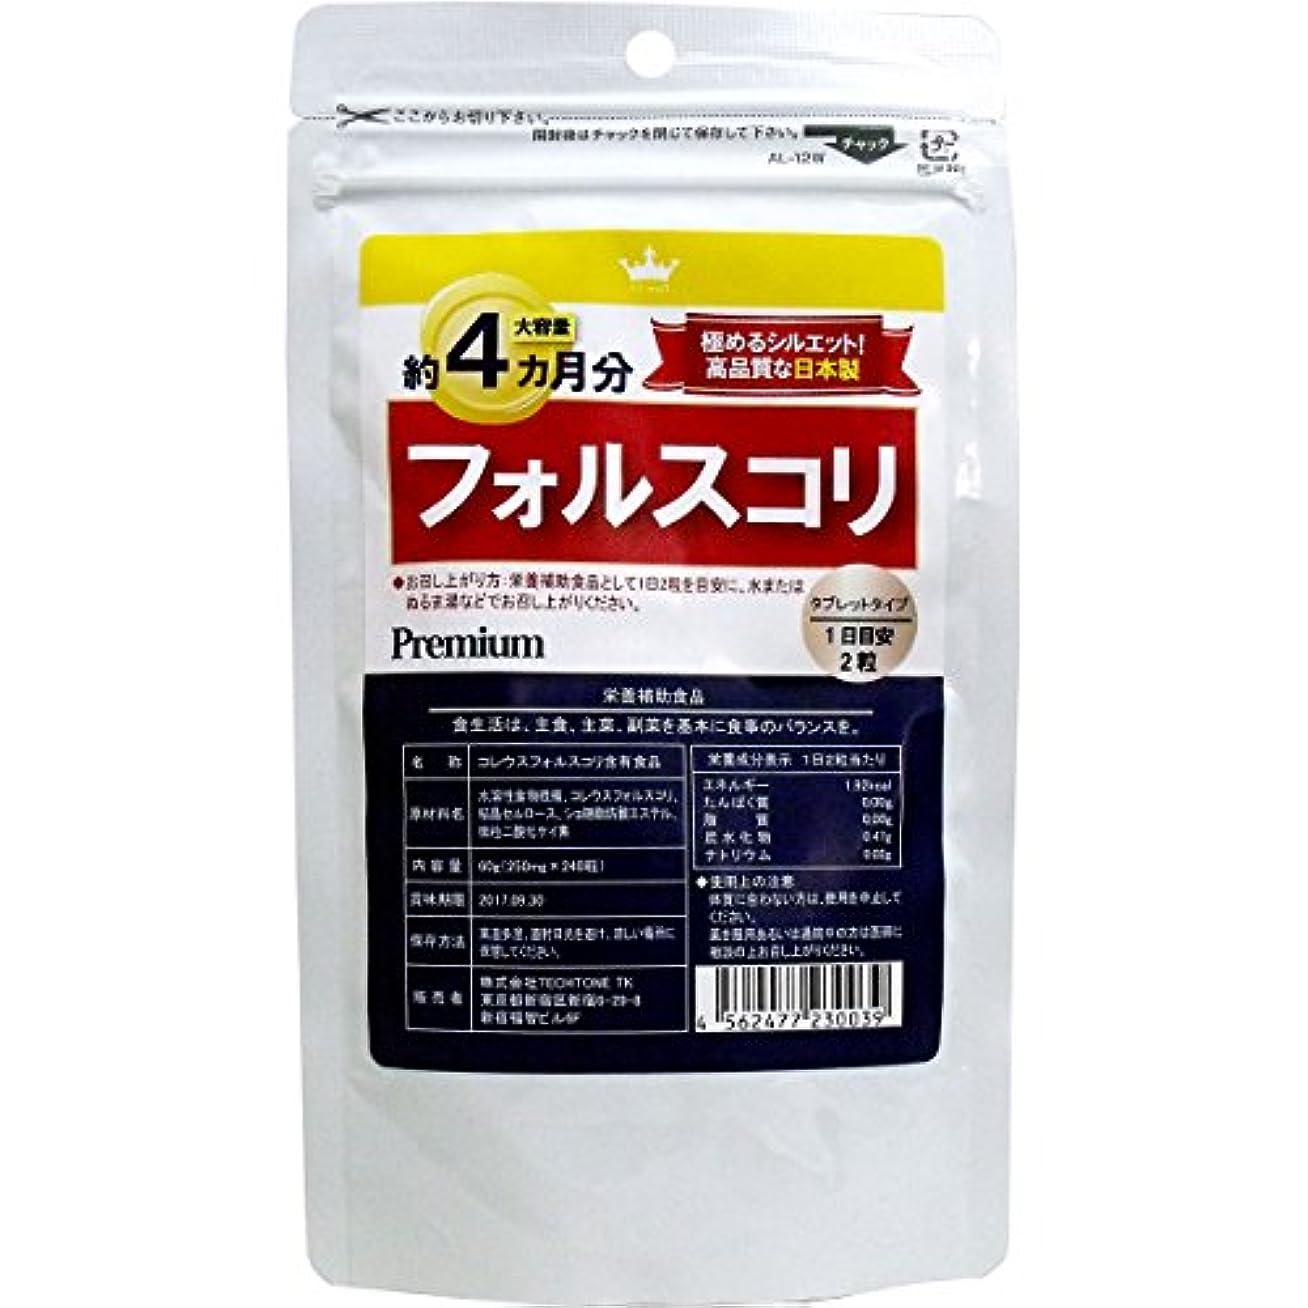 結果として文字レーダーサプリメント 高品質な日本製 健康食品 フォルスコリ 約4カ月分 240粒入【3個セット】